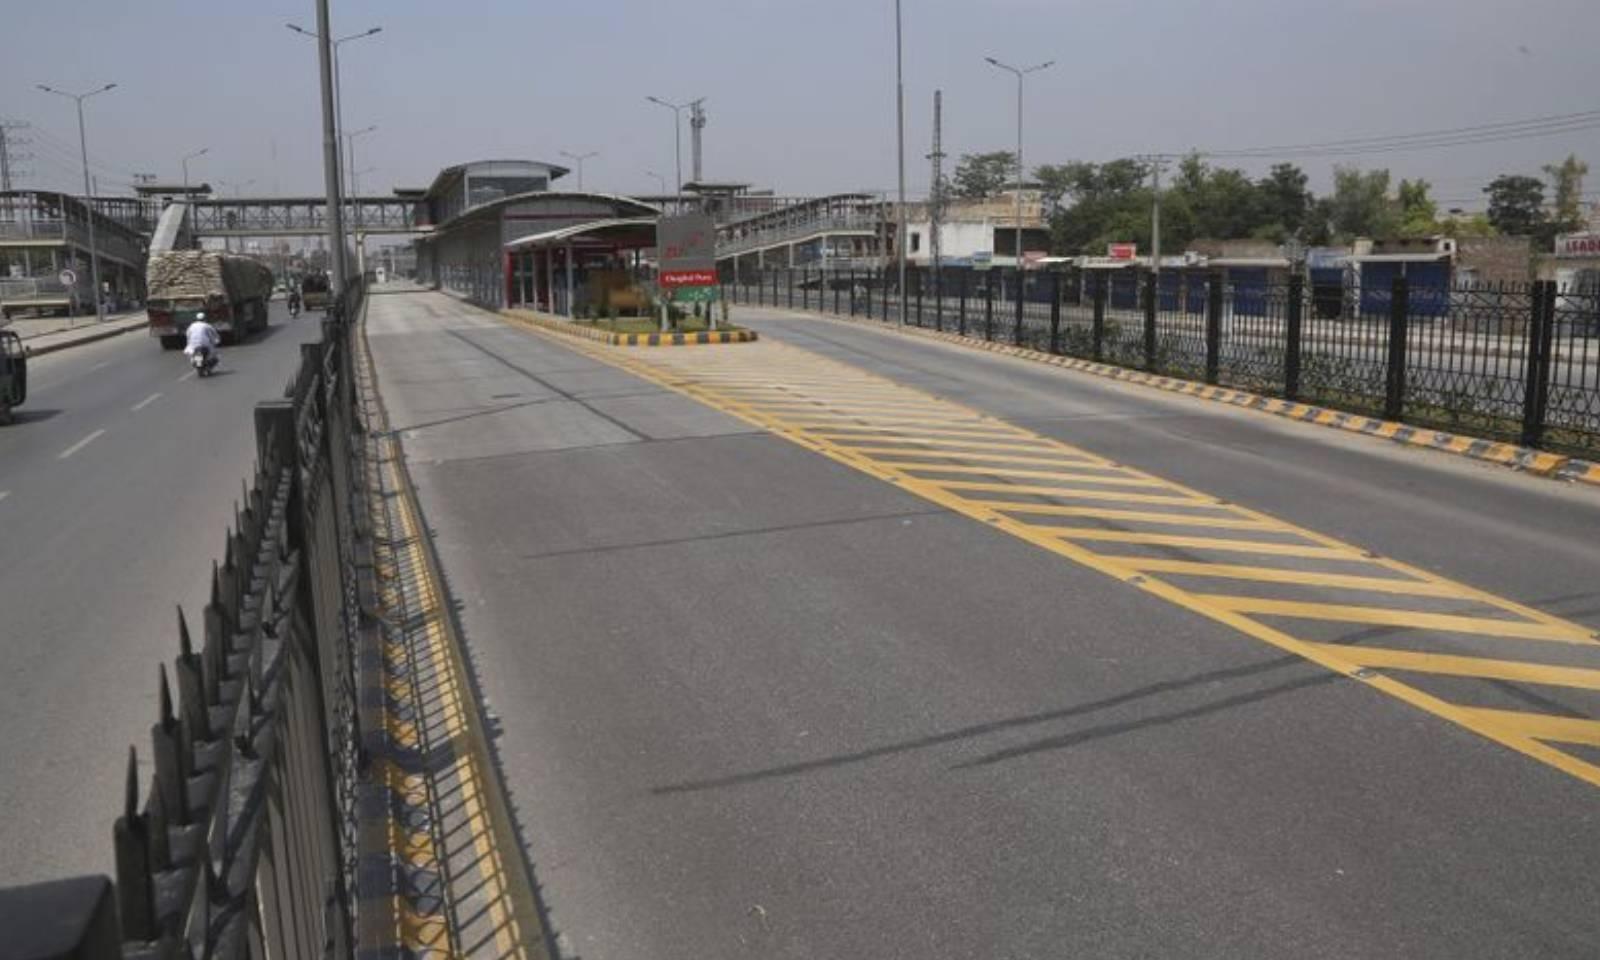 بین الصوبائی، اندرونِ شہر اور شہروں کے درمیان چلنے والی ٹرانسپورٹ پر پابندی ہے—فوٹو: اے  پی